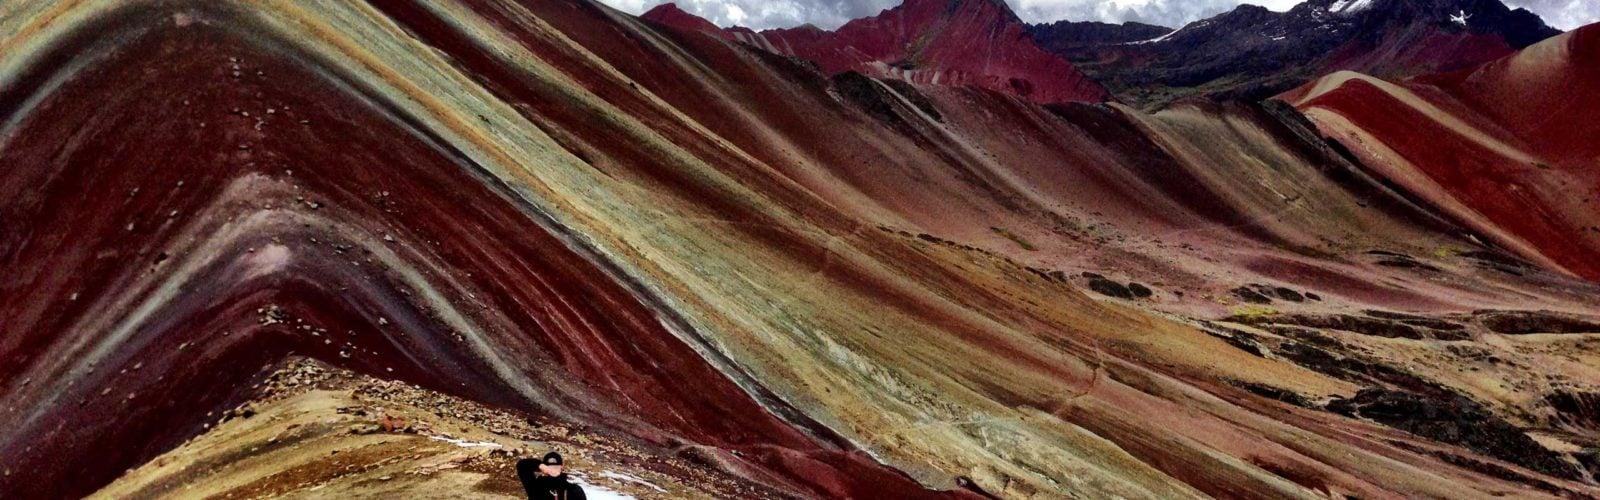 Asungate Trek, Peru